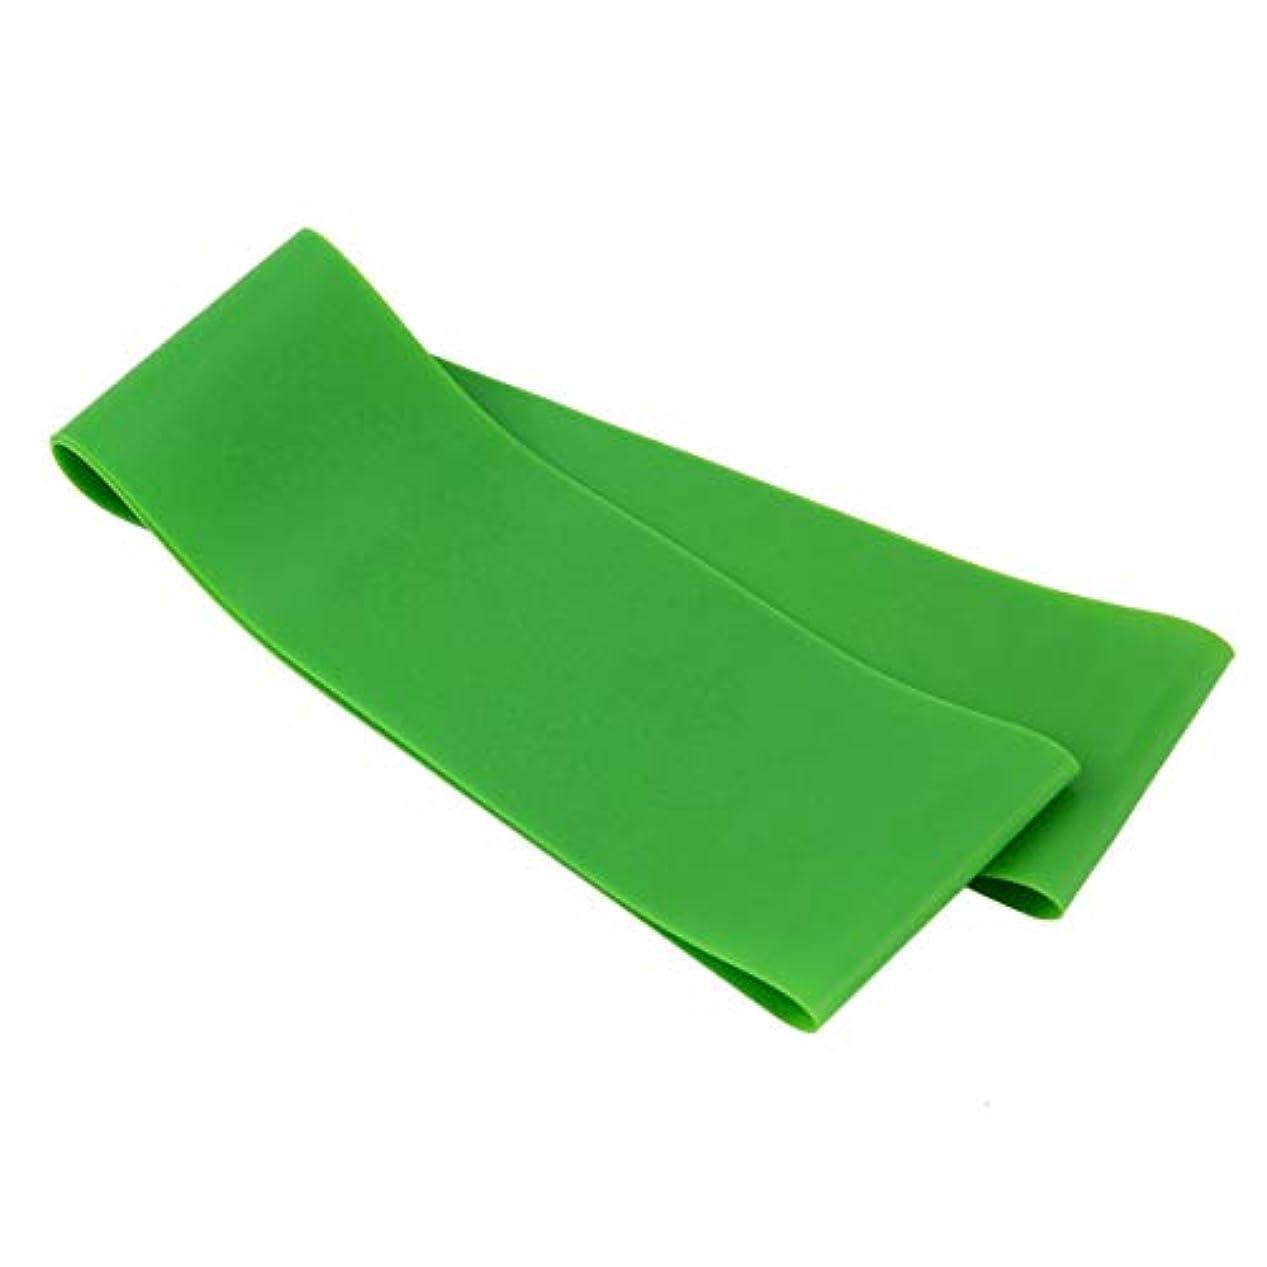 宿る干し草結論滑り止め伸縮性ゴム弾性ヨガベルトバンドプルロープ張力抵抗バンドループ強度のためのフィットネスヨガツール - グリーン